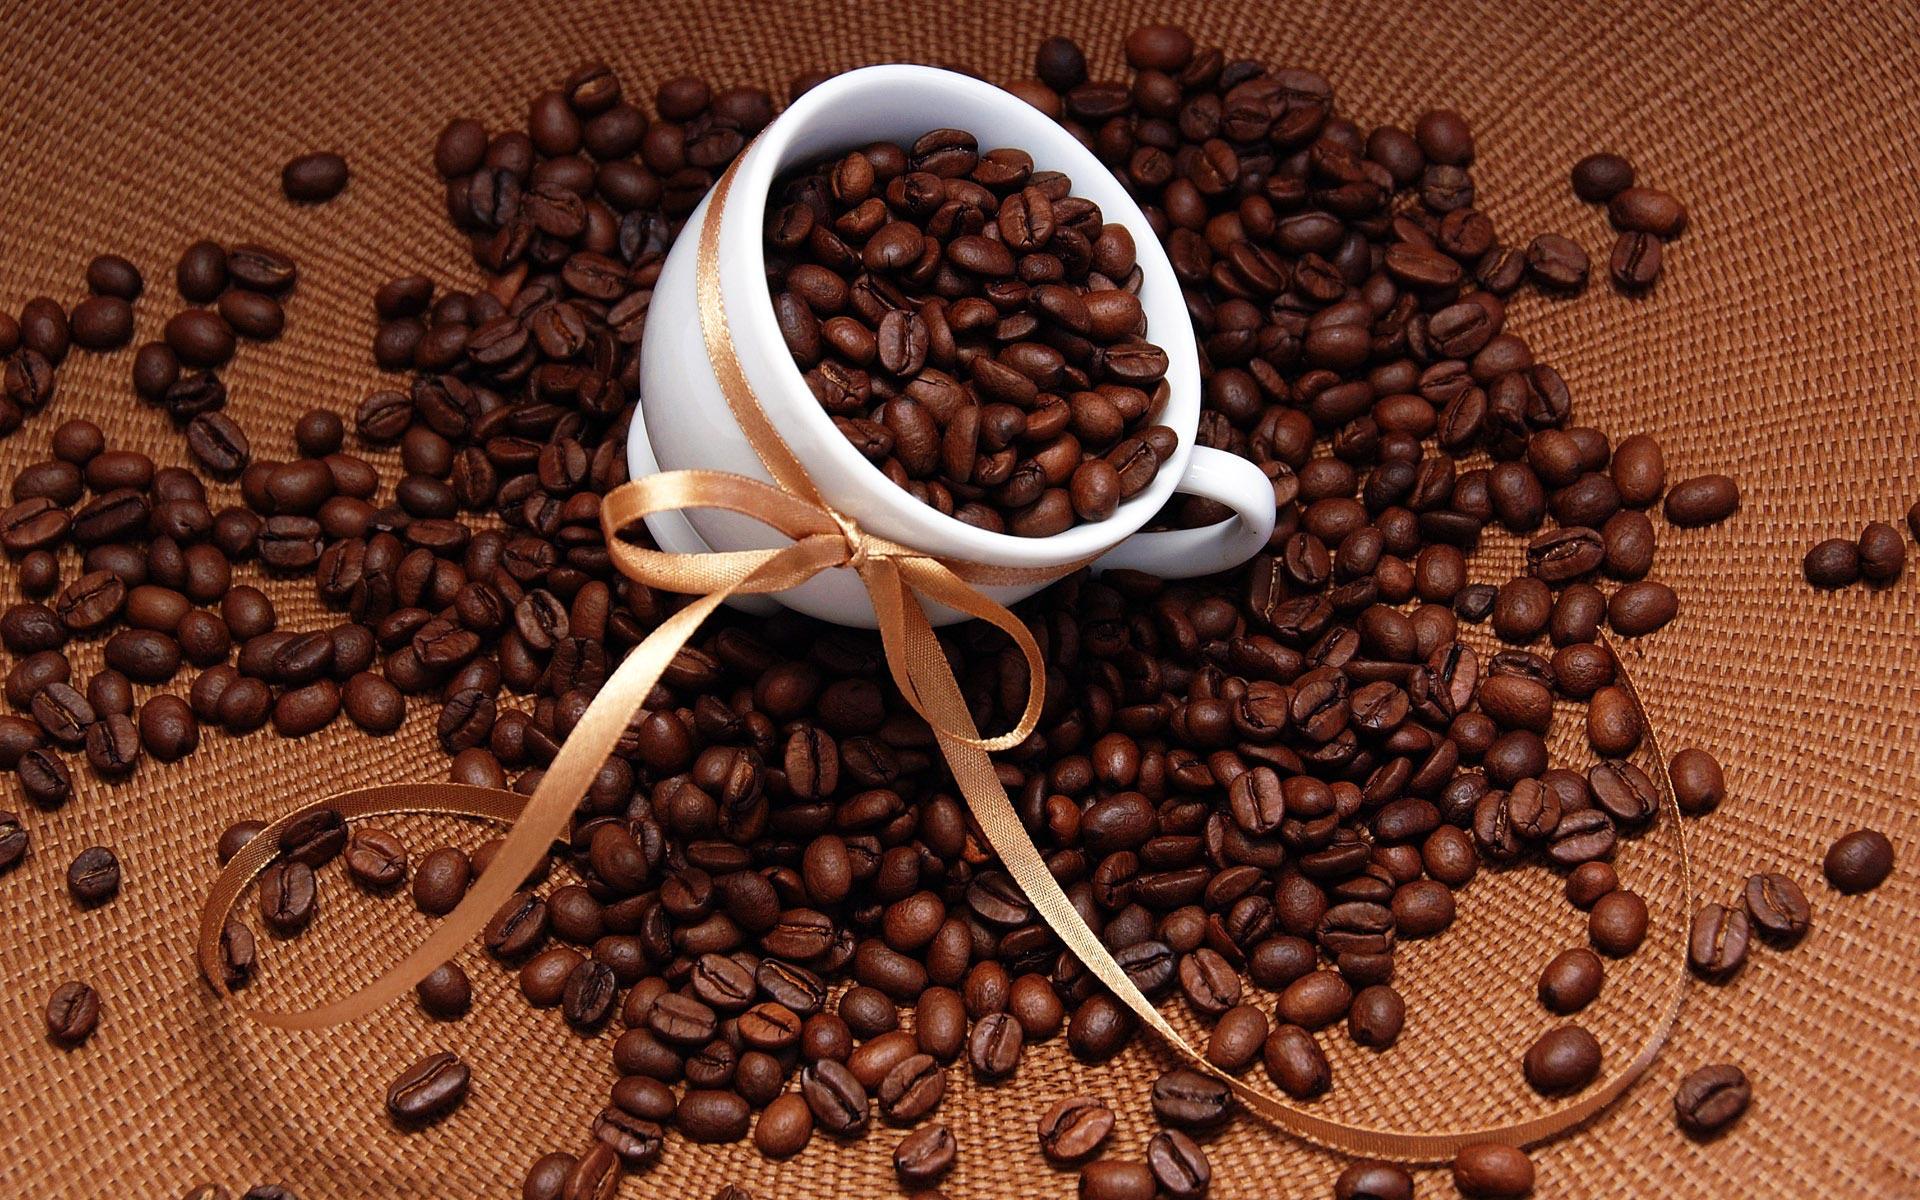 Tổng hợp toàn bộ chất có trong hạt cà phê